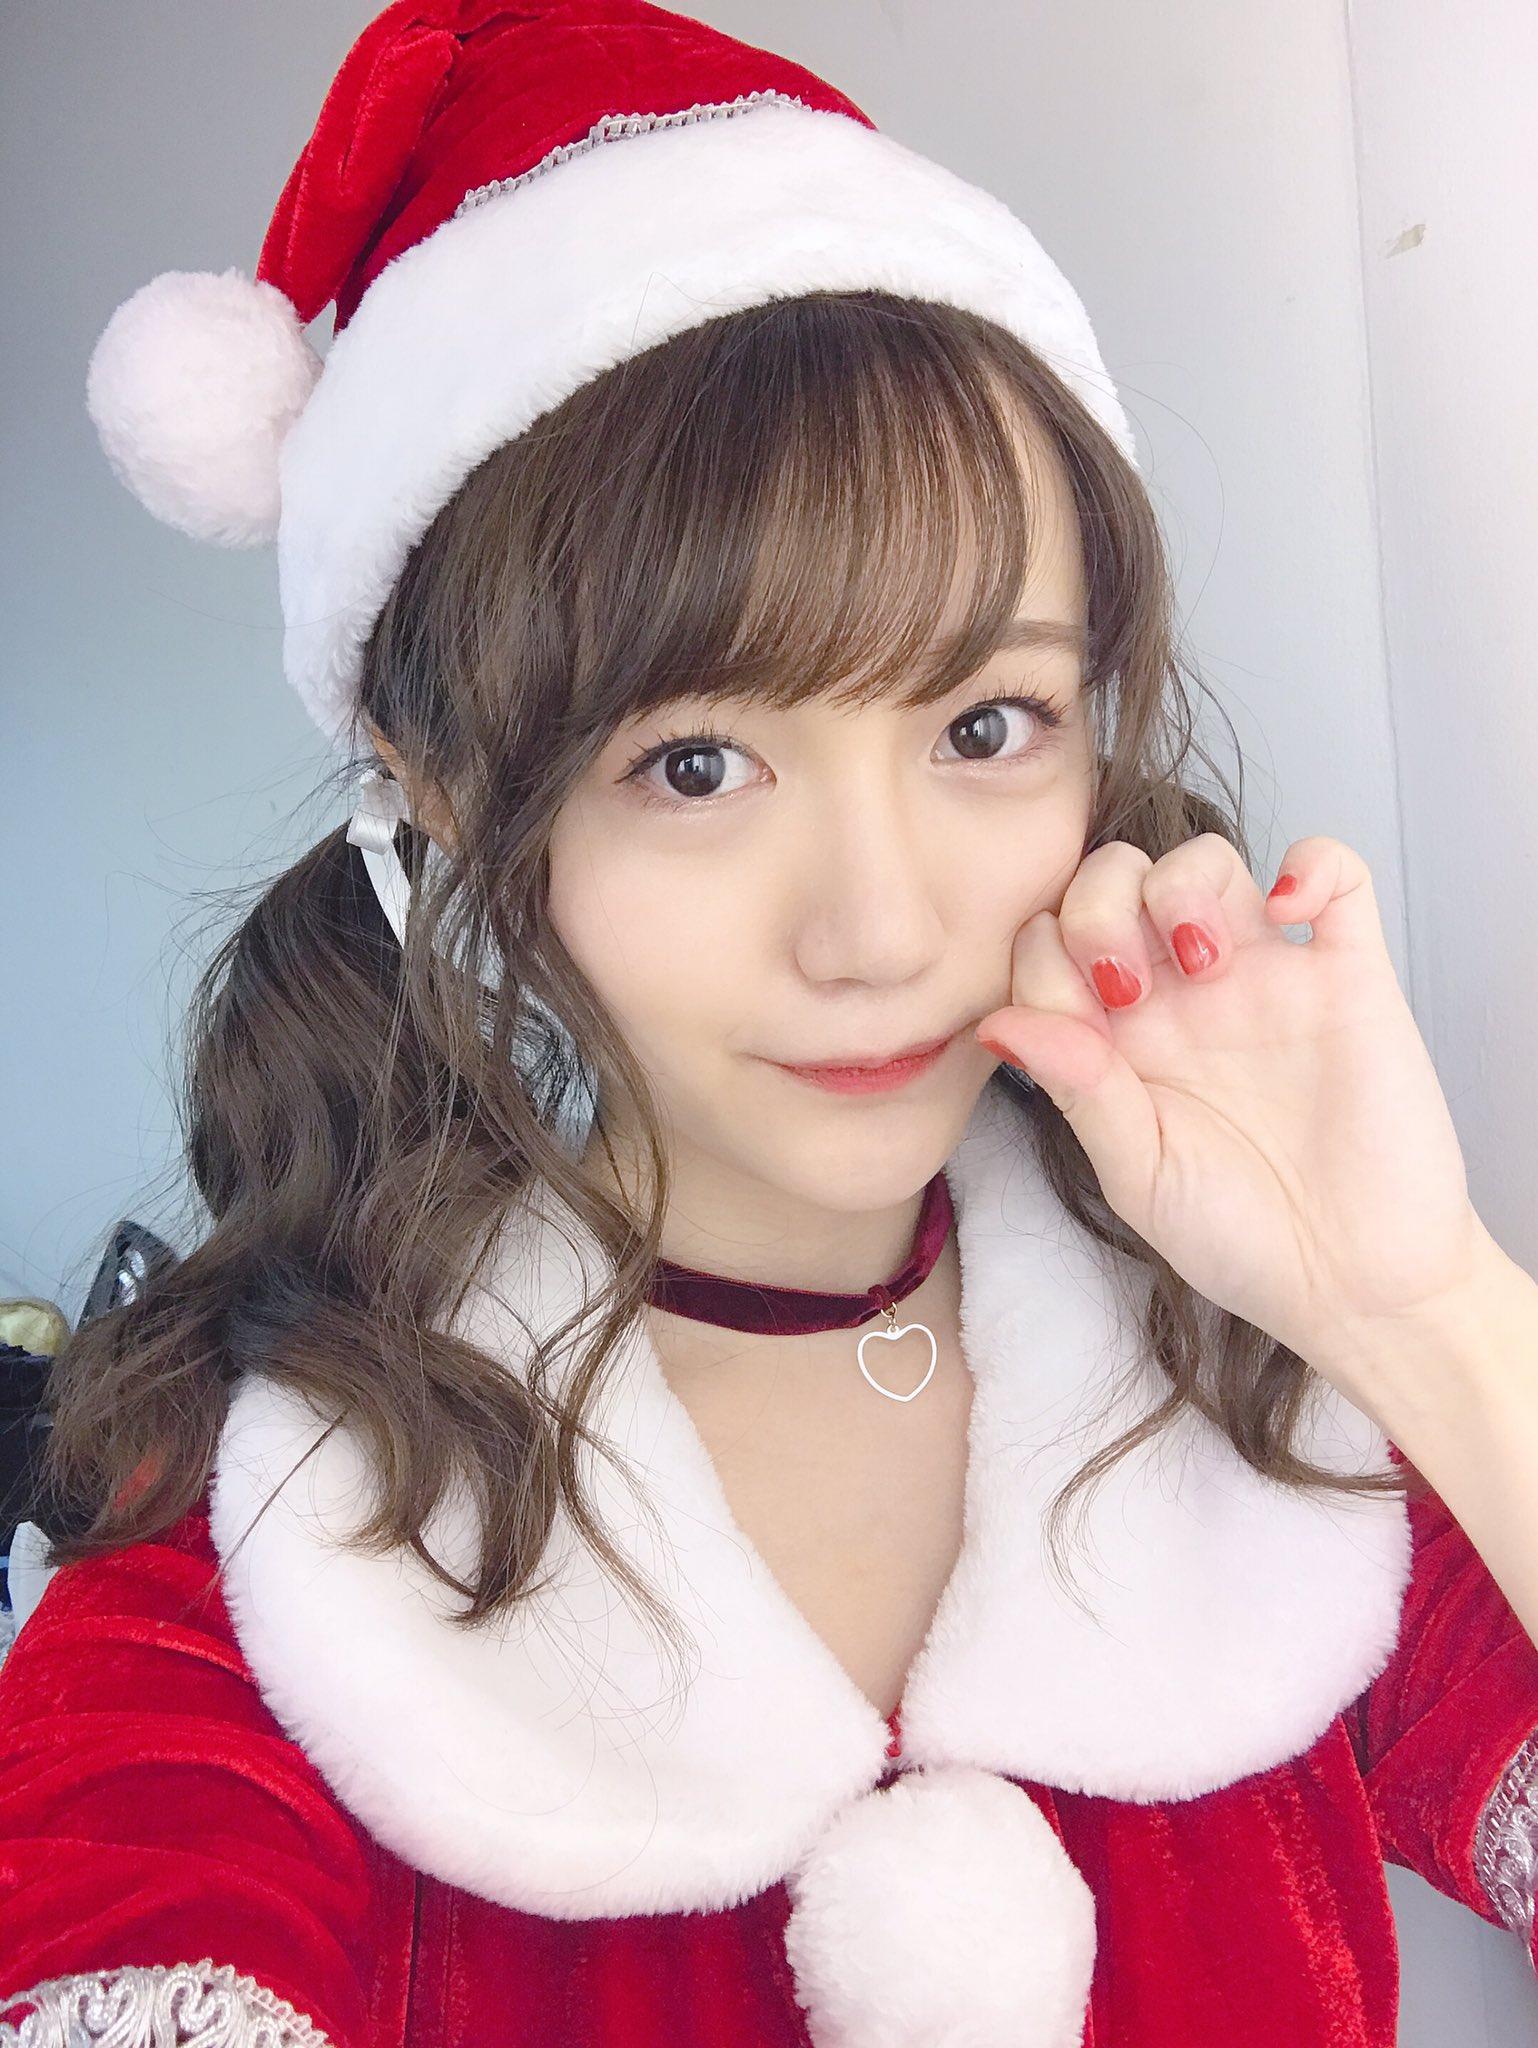 성우 오자키 유카, 크리스마스 때 자신의 트위터에 ..